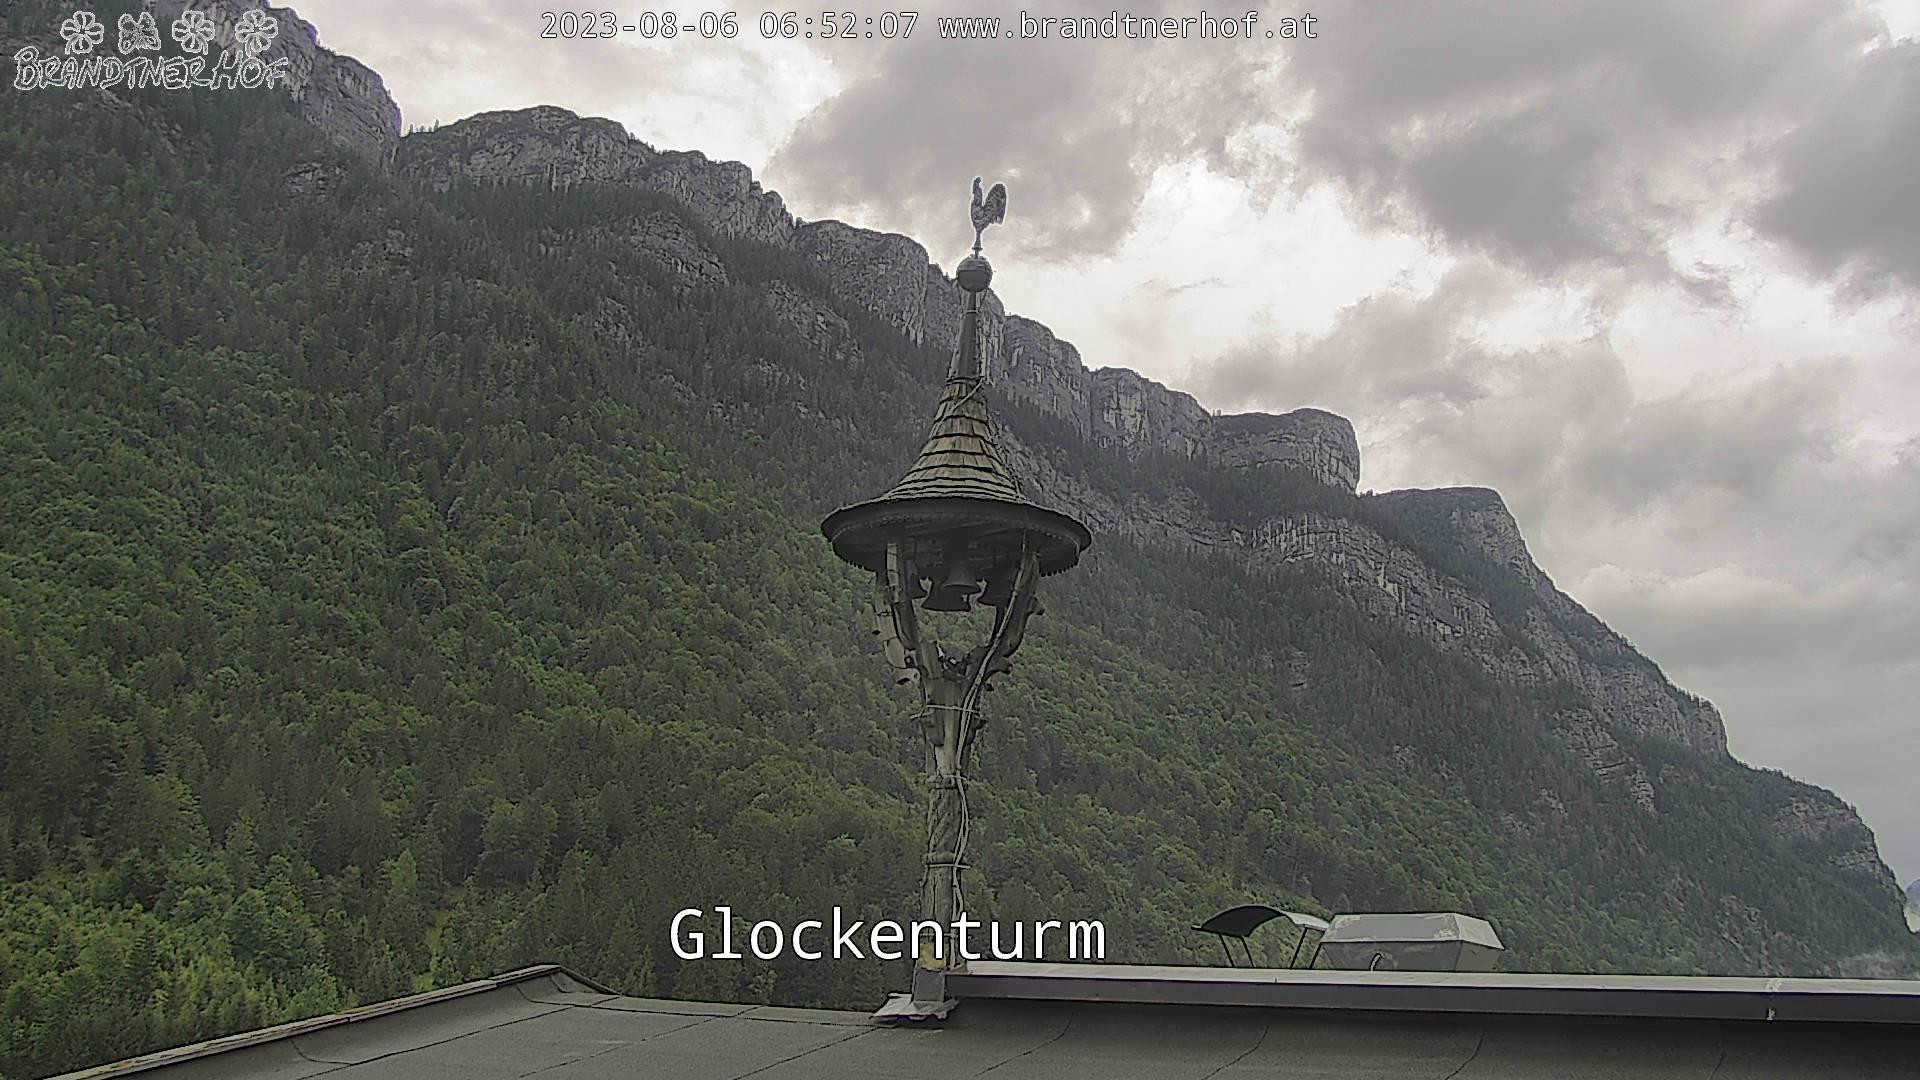 Aktuelles Bild aktiver Glockenturm vom Brandtnerhof aus Waidring